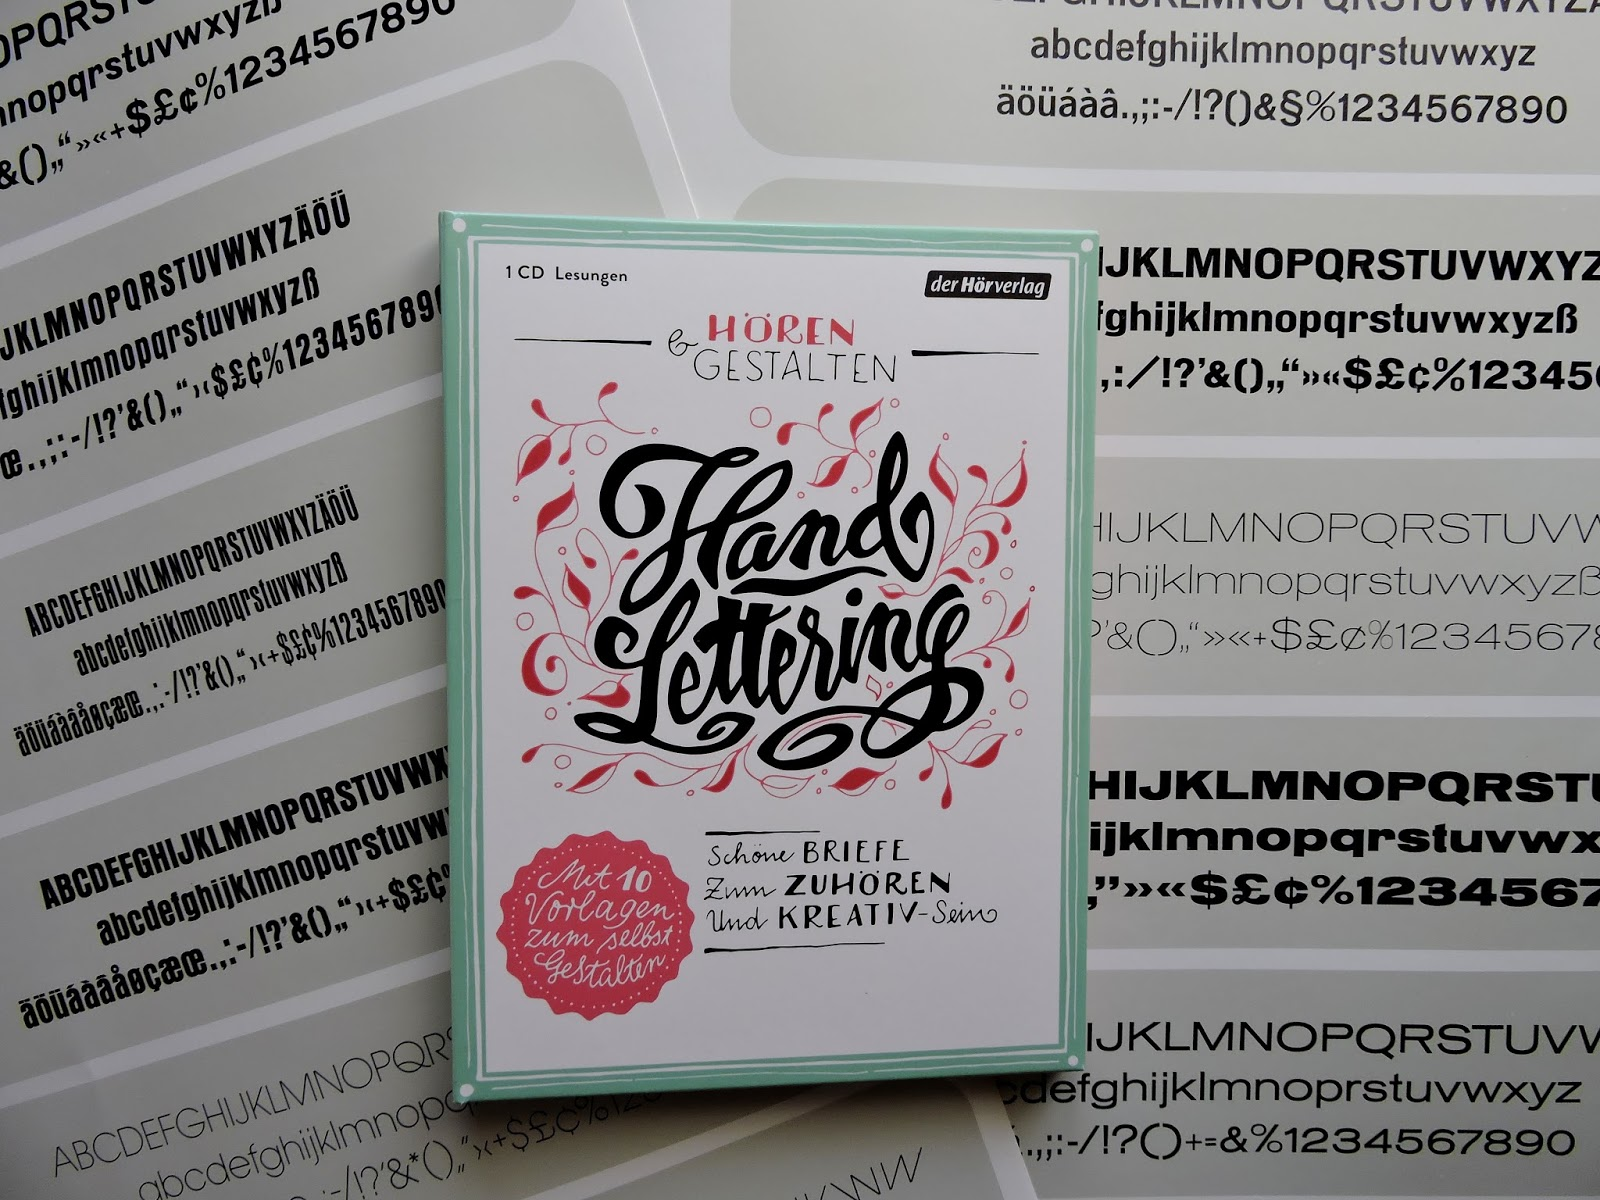 Briefe Kreativ Gestalten : Printbalance hörbuchrezension hören gestalten